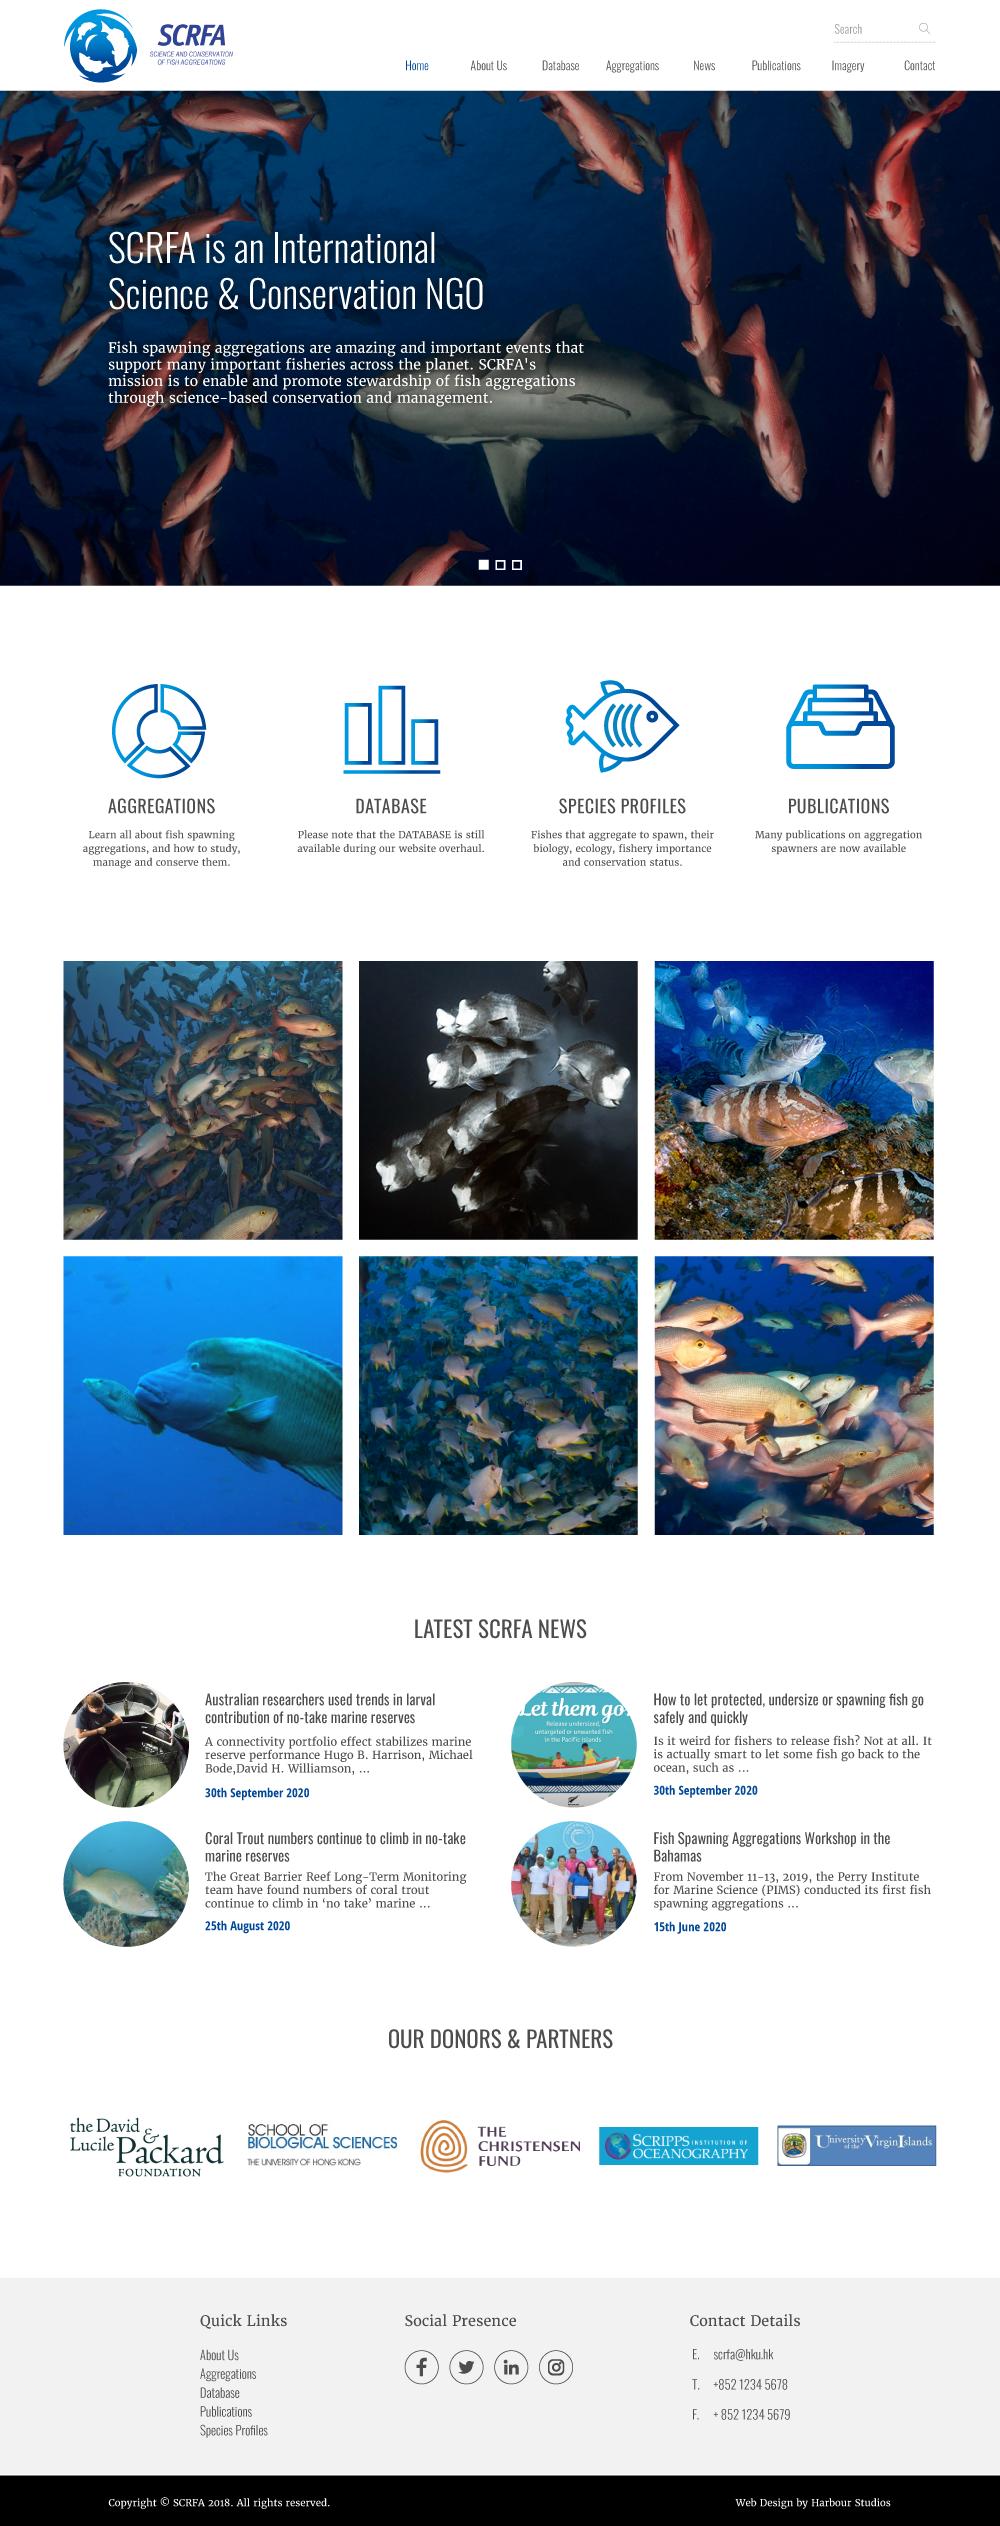 SCRFA website design